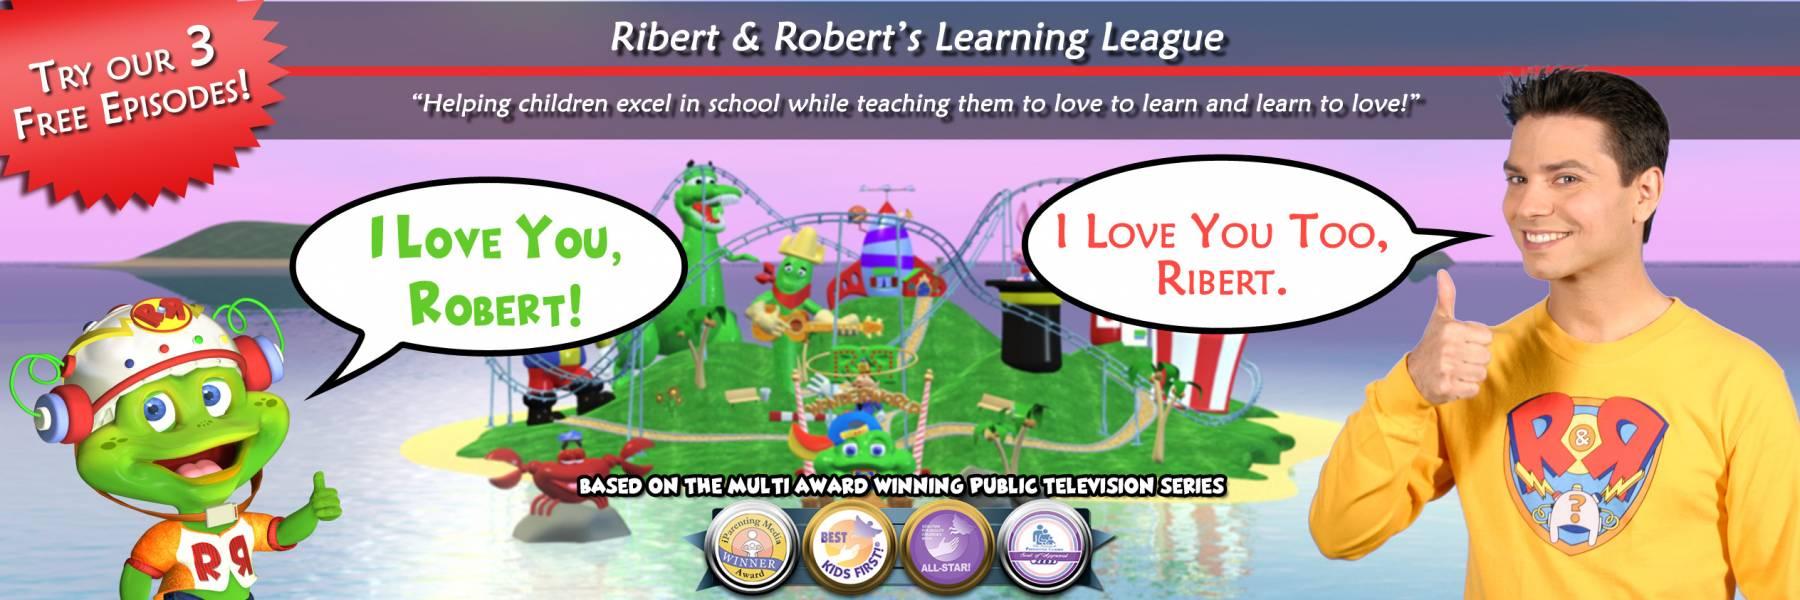 Ribert & Robert's Learning League